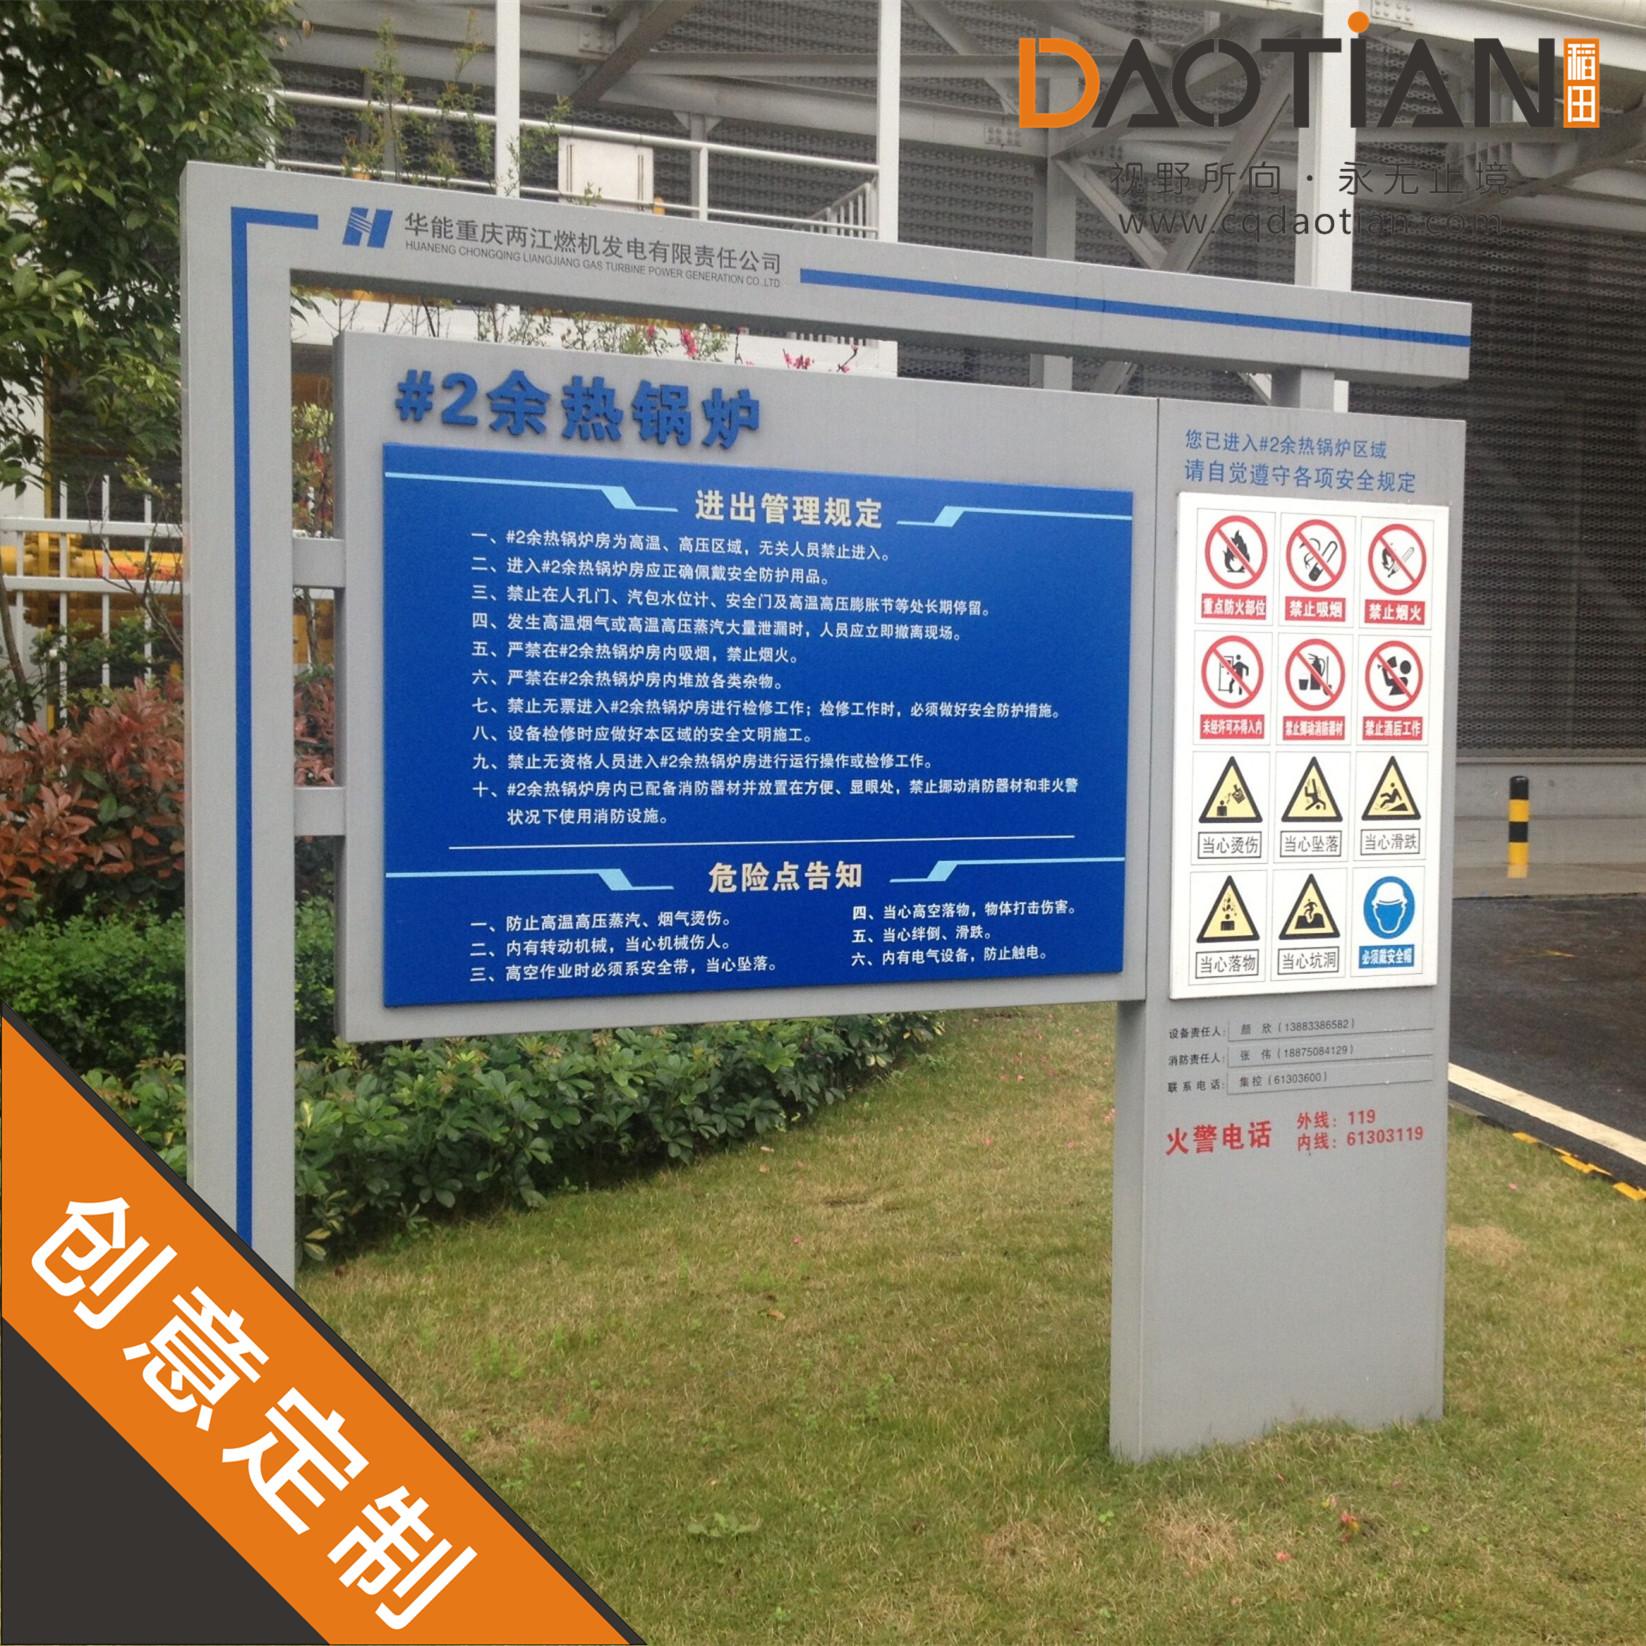 华能两江标识系统